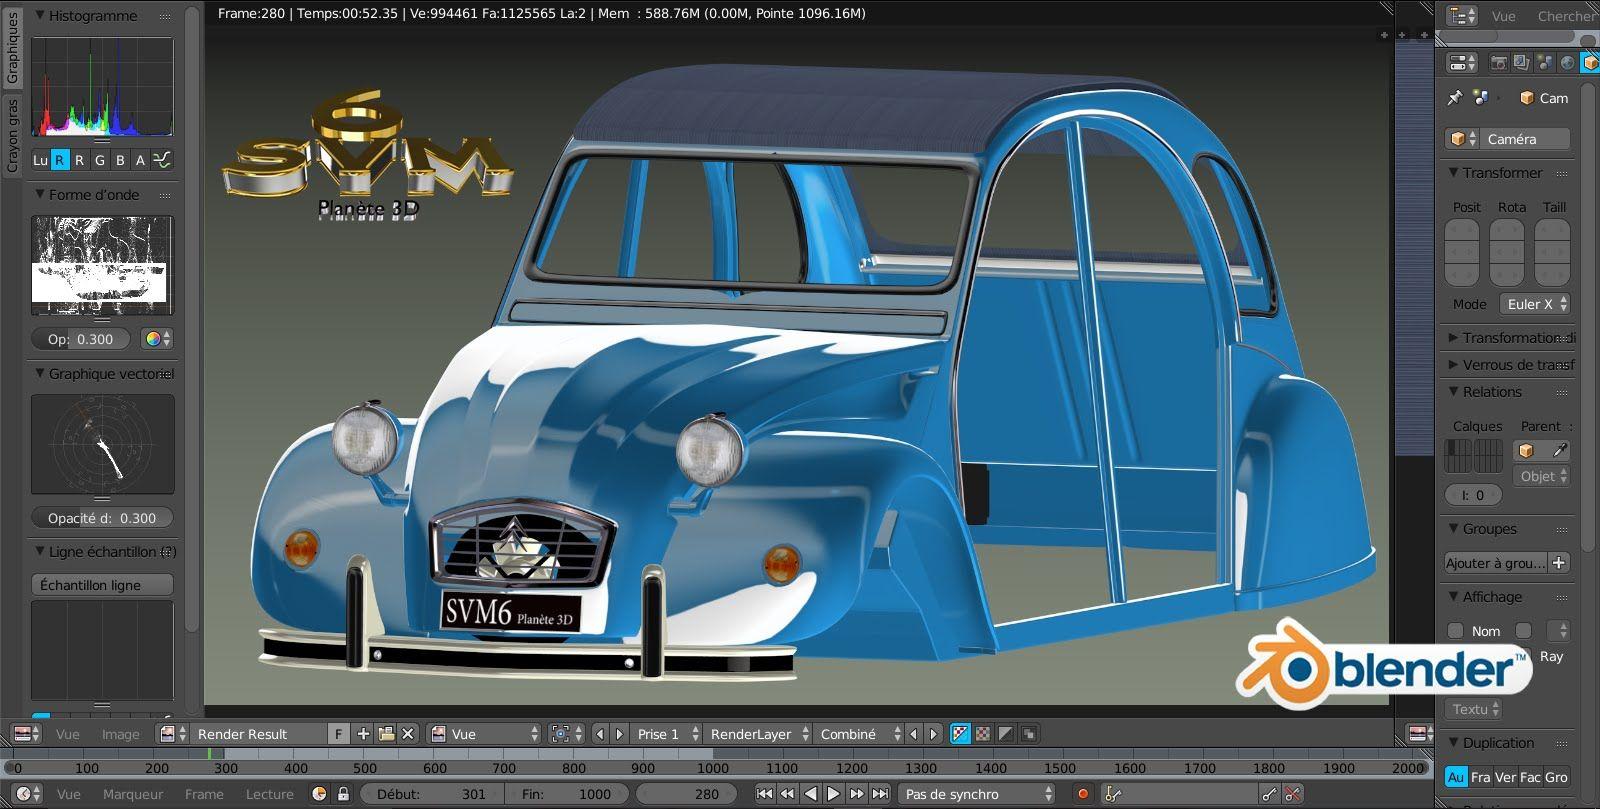 Modeliser Une Voiture 2cv Citroen A Z Tutoriel Svm6 N 60 La Capote 2cv Citroen 2cv Voiture